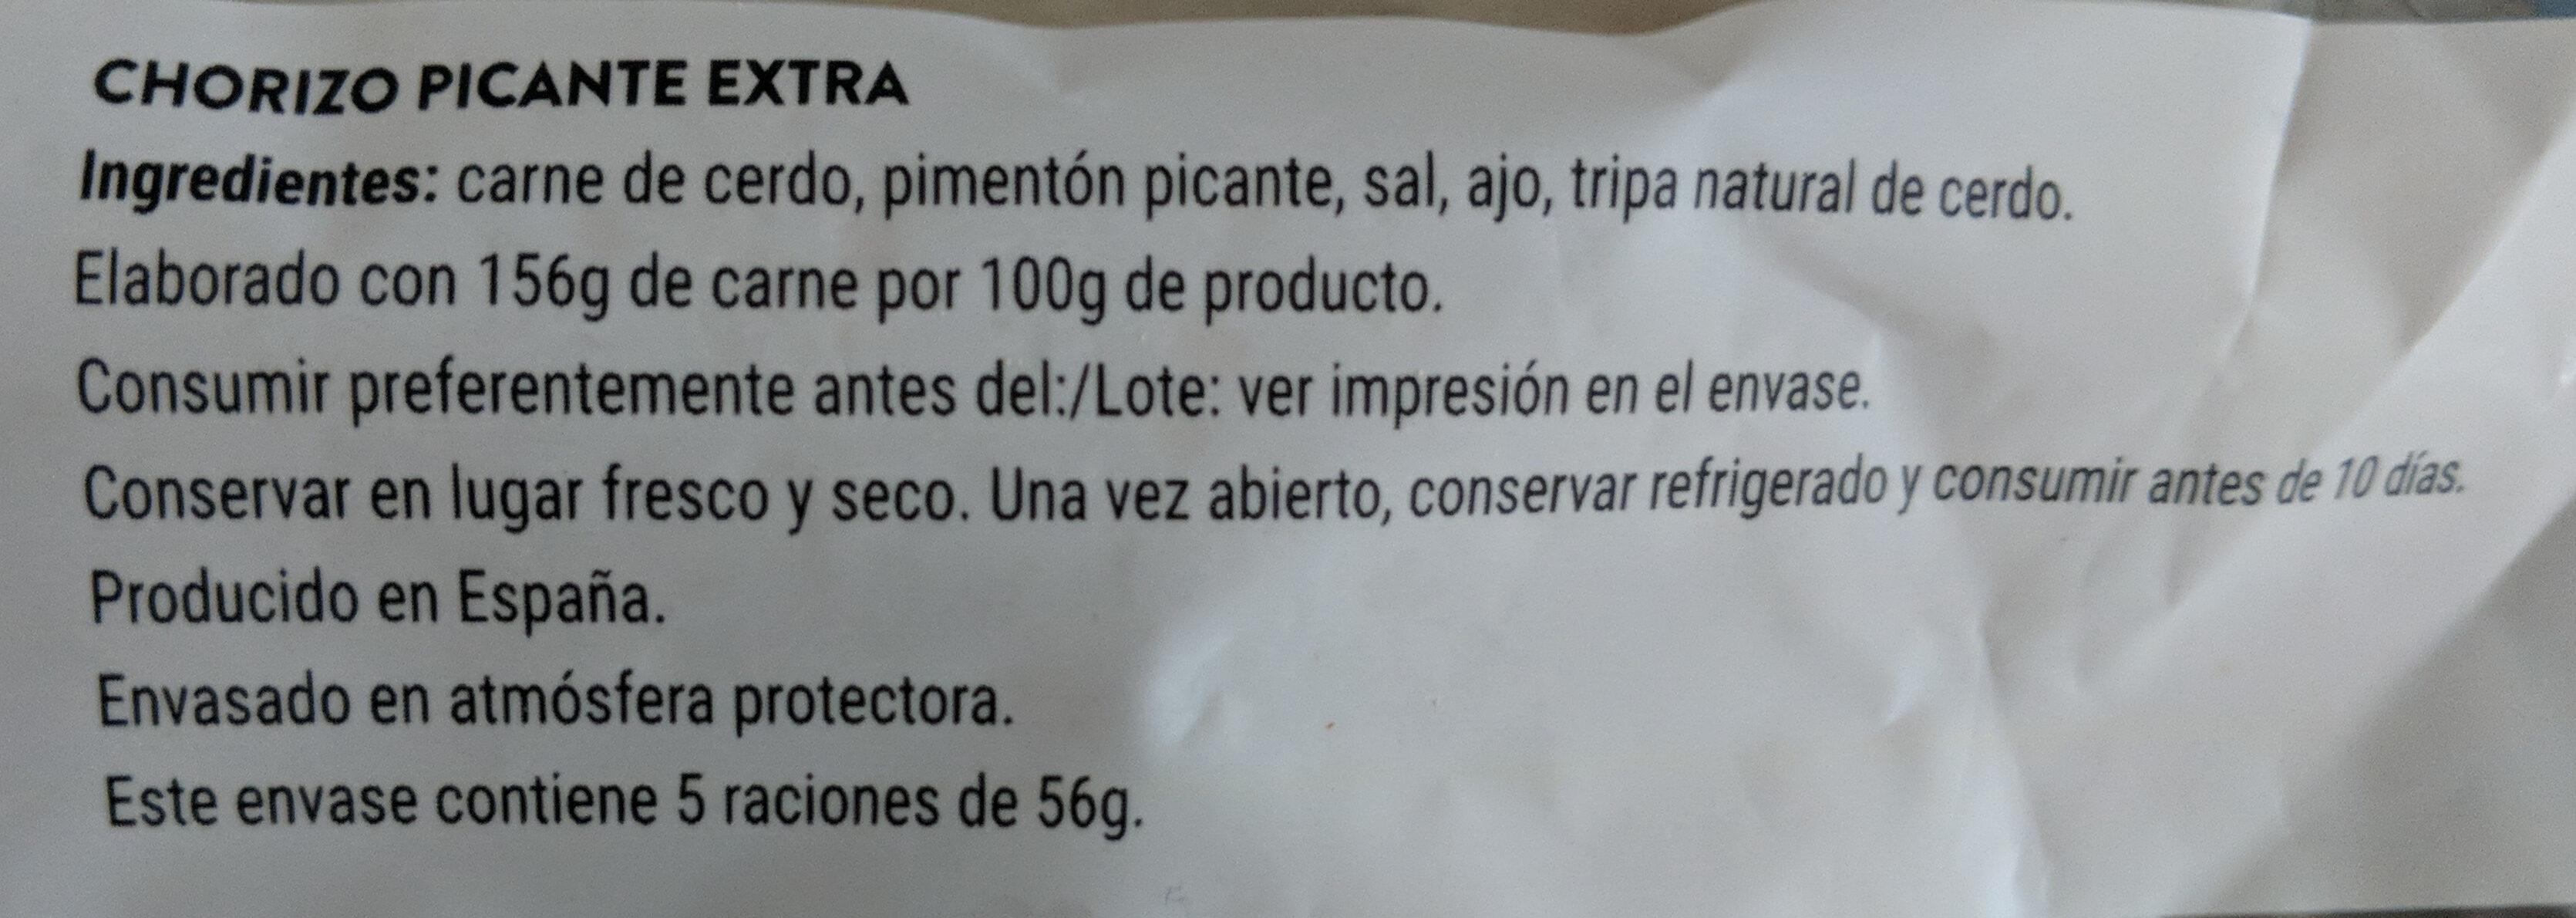 Chorizo picante extra - Ingredients - es